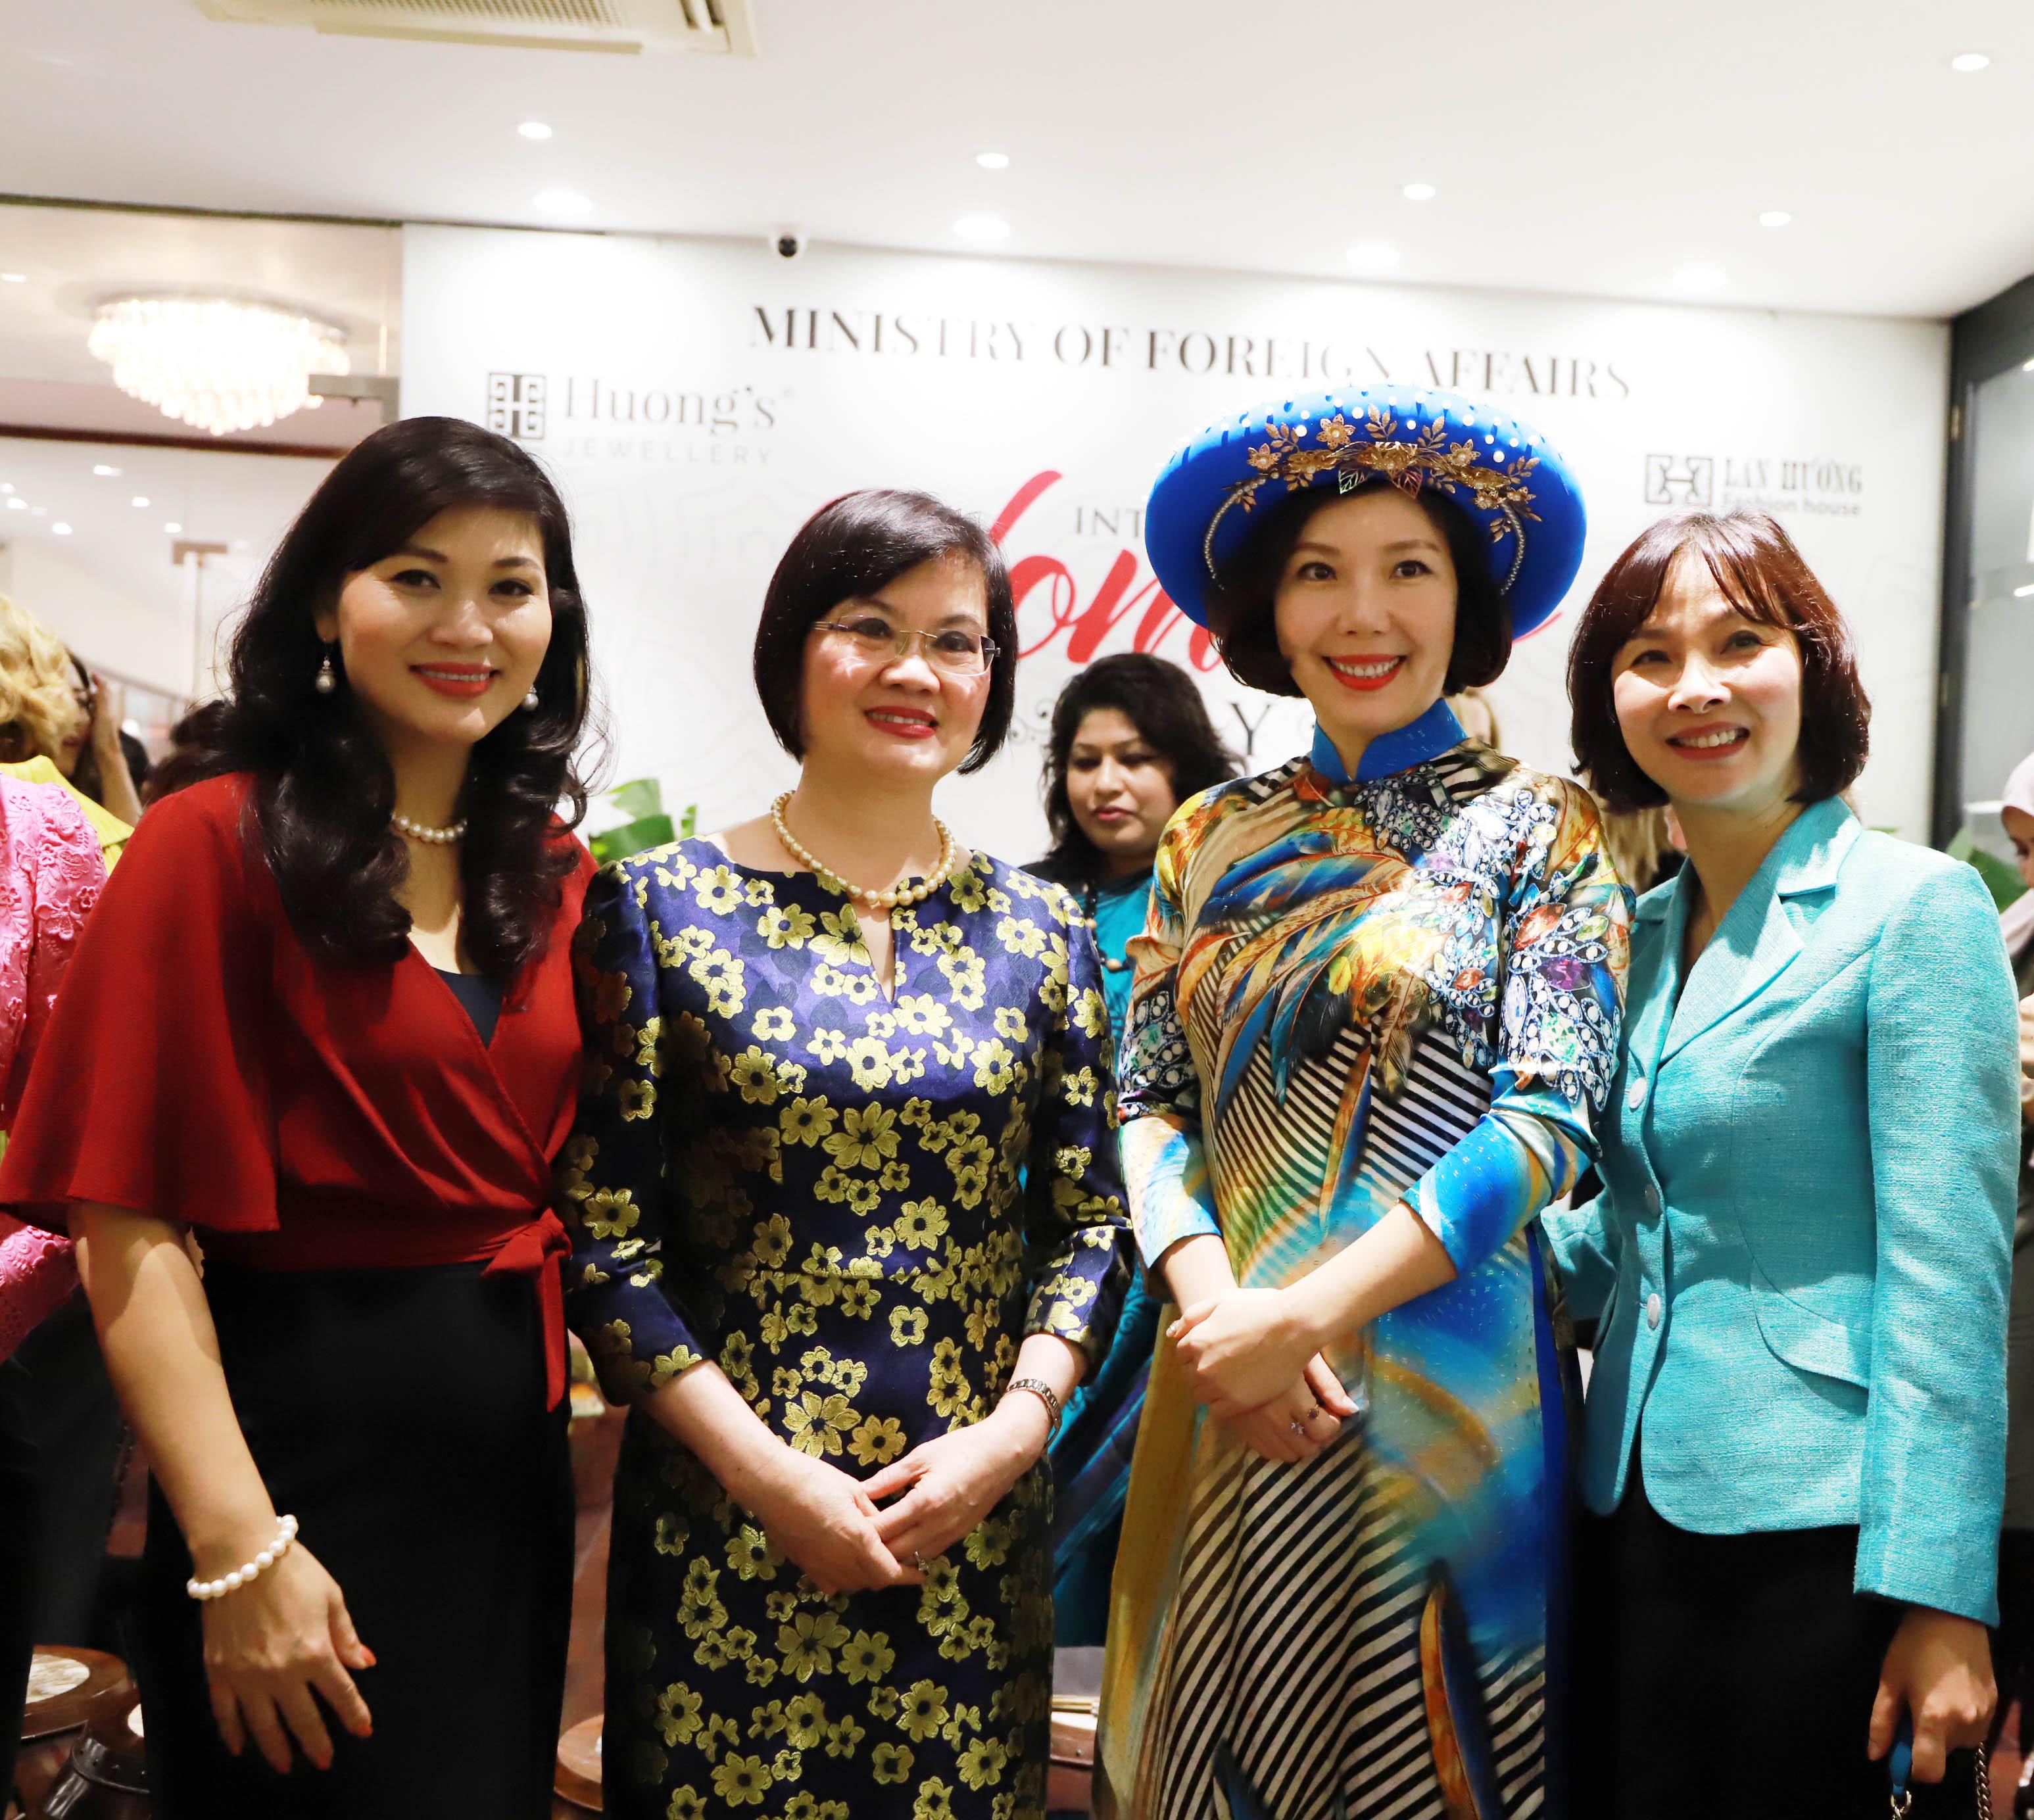 Đây là lần đầu tiên Bộ Ngoại giao phối hợp Nhóm AWCH và Nhóm điều phối về bình đẳng giới tại Hà Nội tổ chức hoạt động này nhằm tăng cường trao đổi, kết nối giữa các cán bộ nữ ngoại giao Việt Nam với bạn bè quốc tế tại Hà Nội. Hoạt động cũng nhằm thắt chặt tình đoàn kết ASEAN, tăng cường hợp tác giữa ASEAN với các nước và các tổ chức quốc tế, hướng đến chuẩn bị cho việc Việt Nam đảm nhiệm vai trò Chủ tịch ASEAN năm 2020.